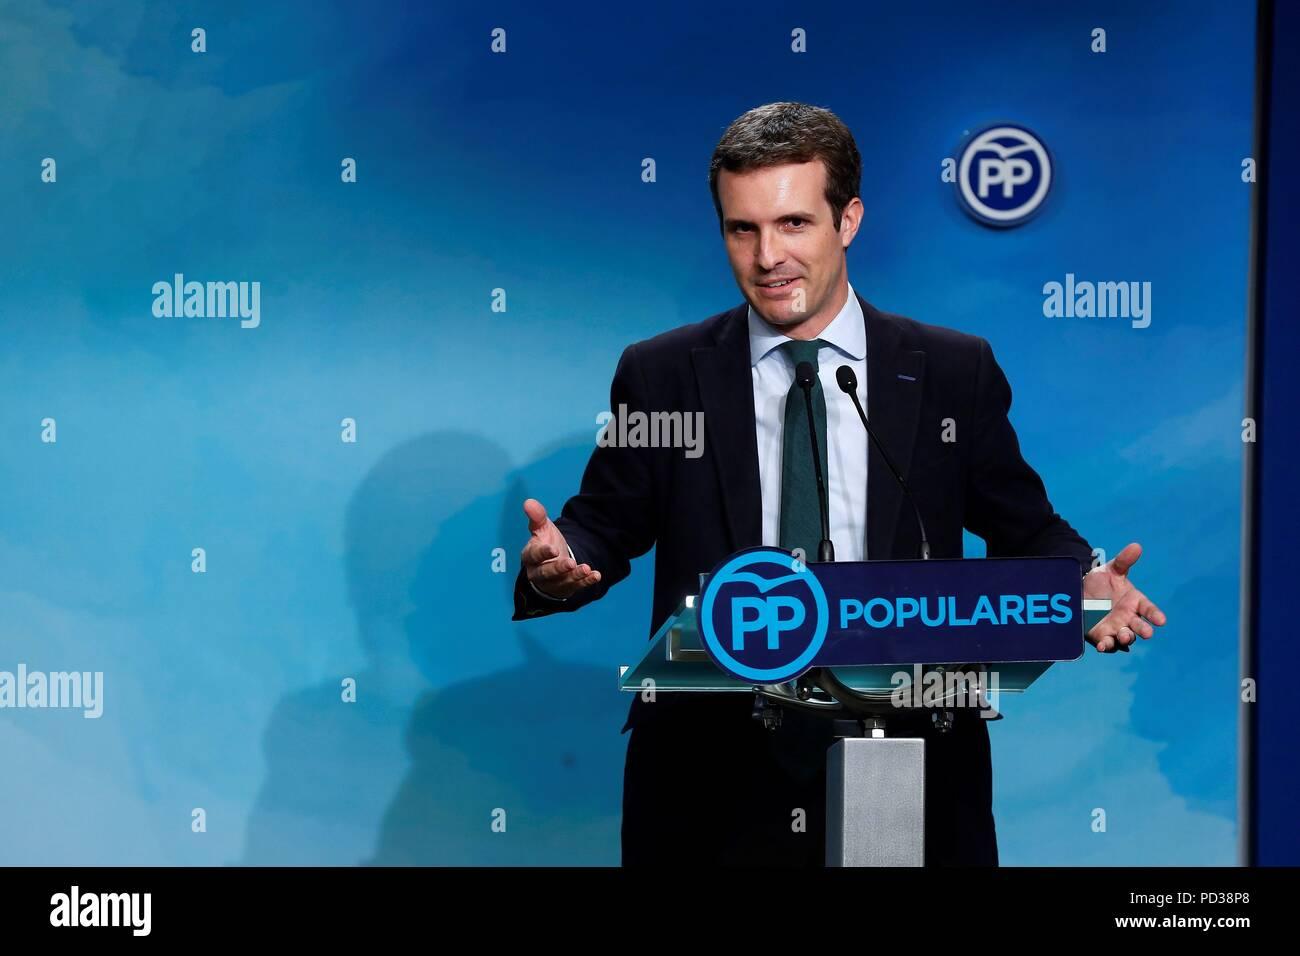 Madrid, Spain  06th Aug, 2018  Leader of Spanish People's